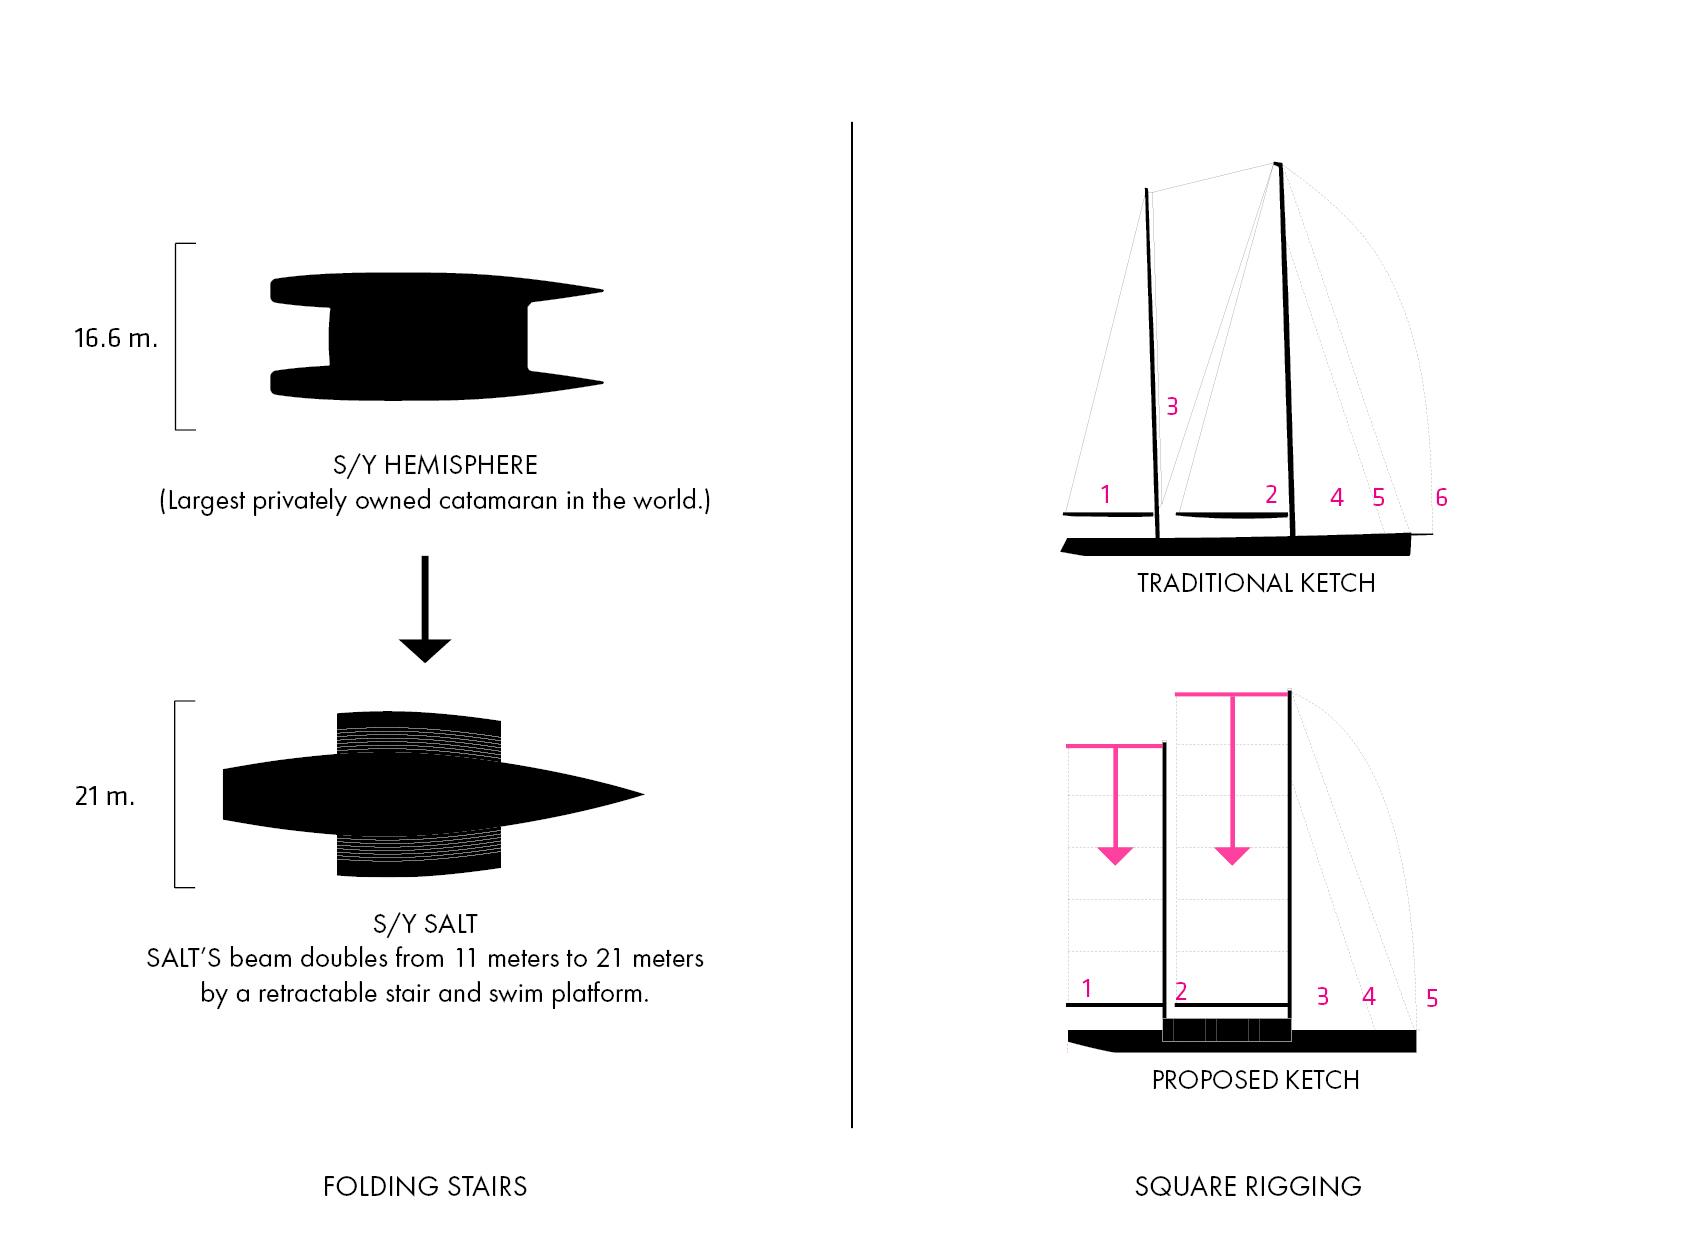 New 55m Sailing Yacht Salt Concept By Lujac Desautel